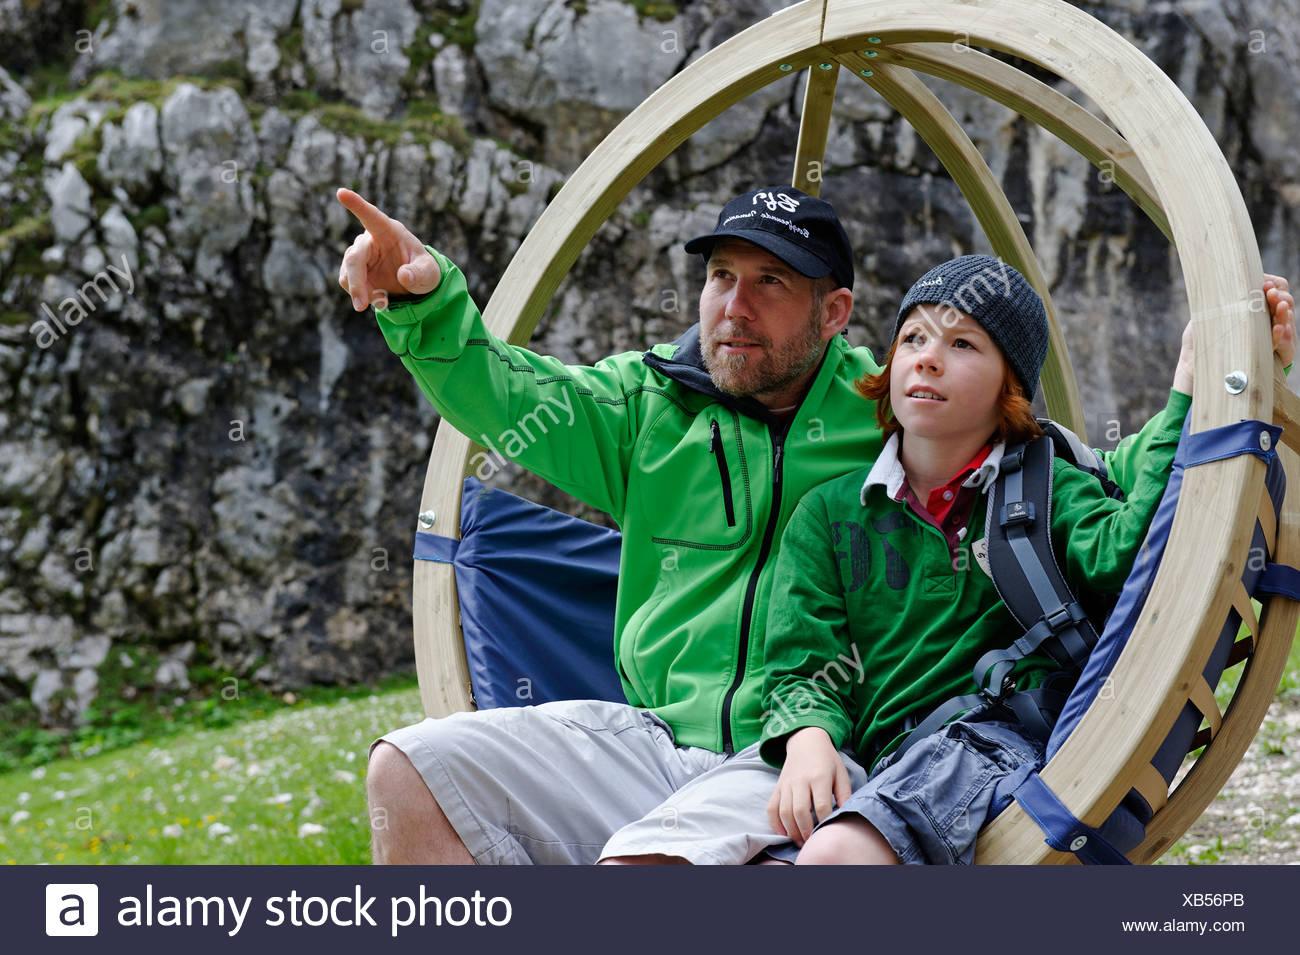 Father and son on the Gipfel-Erlebnisweg, summit adventure trail at Alpspitzbahn, Garmisch-Partenkirchen, Wetterstein range - Stock Image